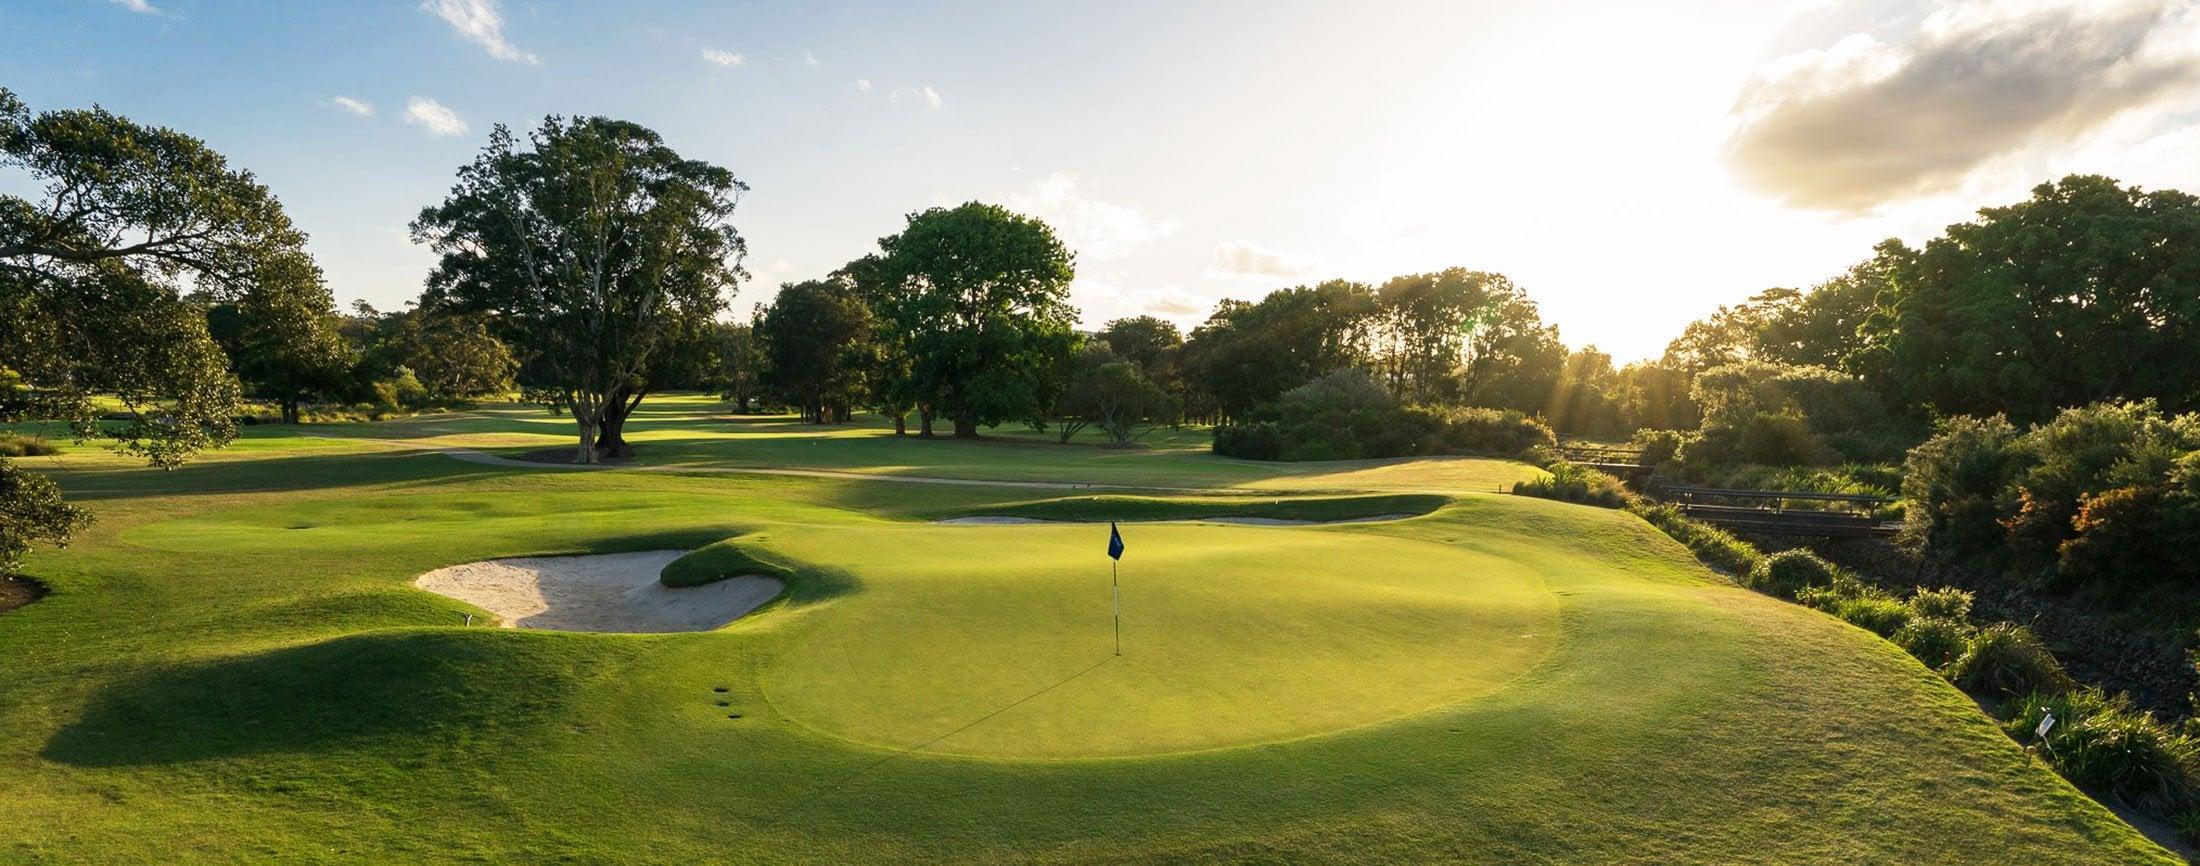 Manly Golf Club